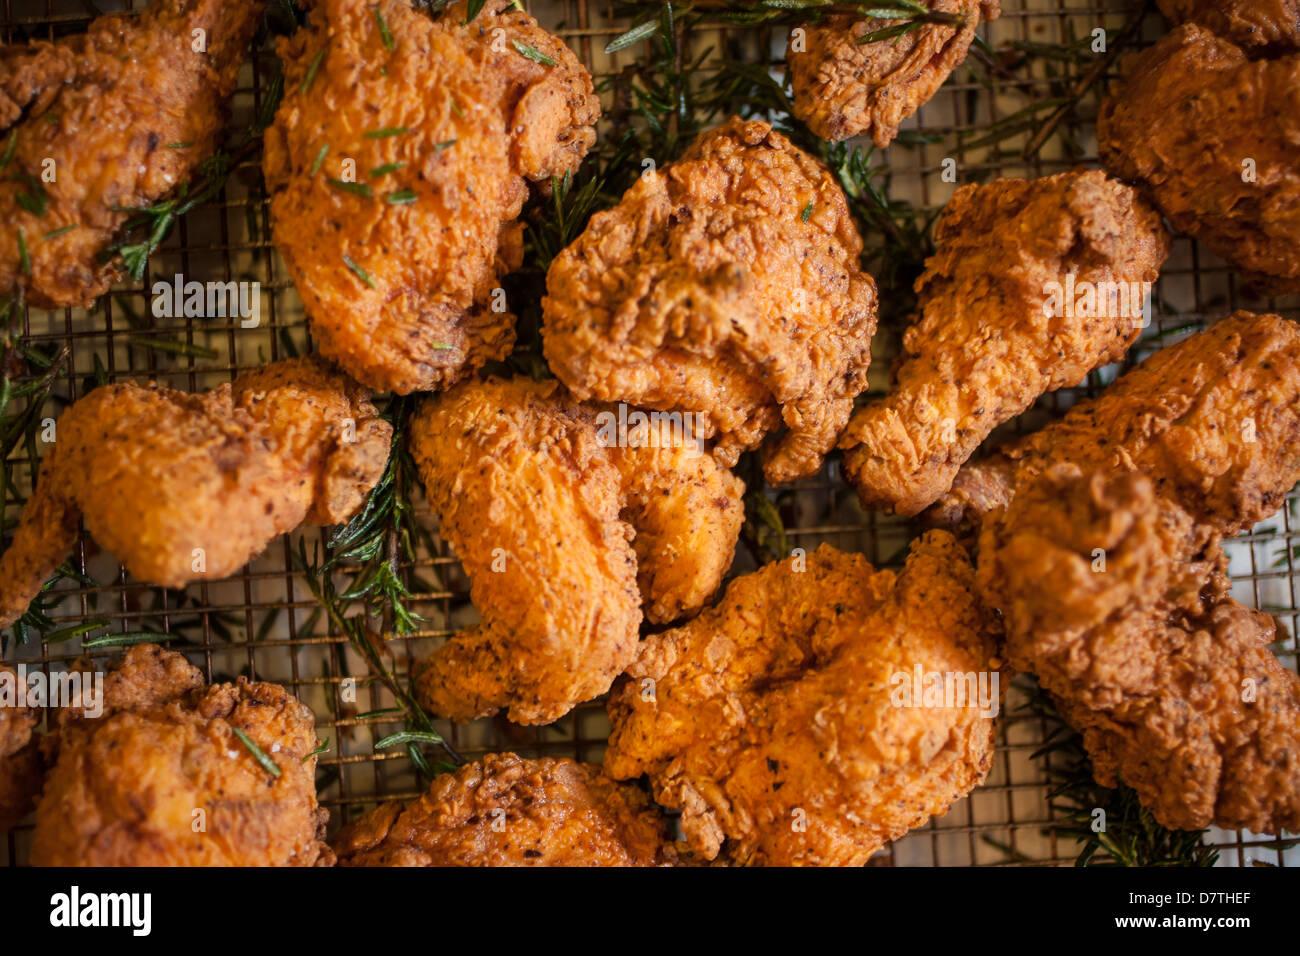 Pollo frito en la freidora. Imagen De Stock